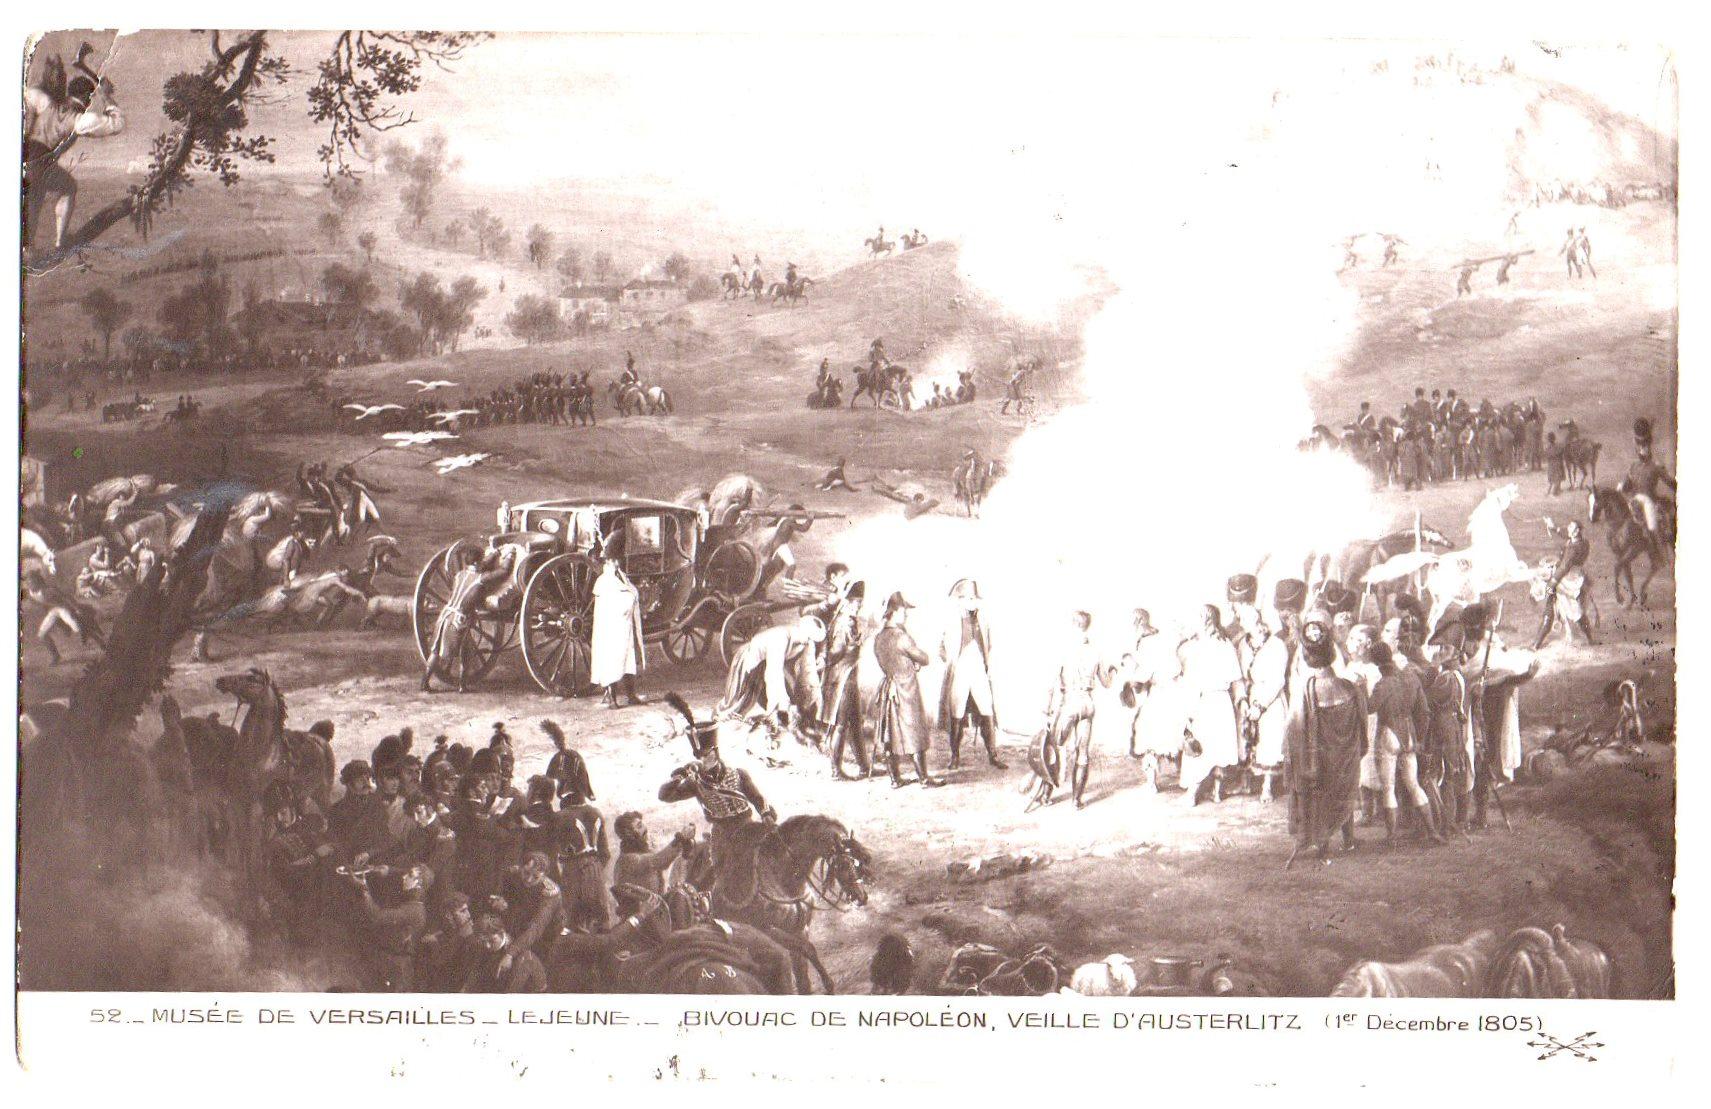 """Поштова листівка. """"Musée de Versailles._ Lejeune._ Bivouac de Napoléon , veille D'Austerlitz (1er Decembre 1805) / Музей """"Версаль""""._ Лежен._ Бівак Наполеона, напередодні Аустерліца (1 грудня 1805)"""""""